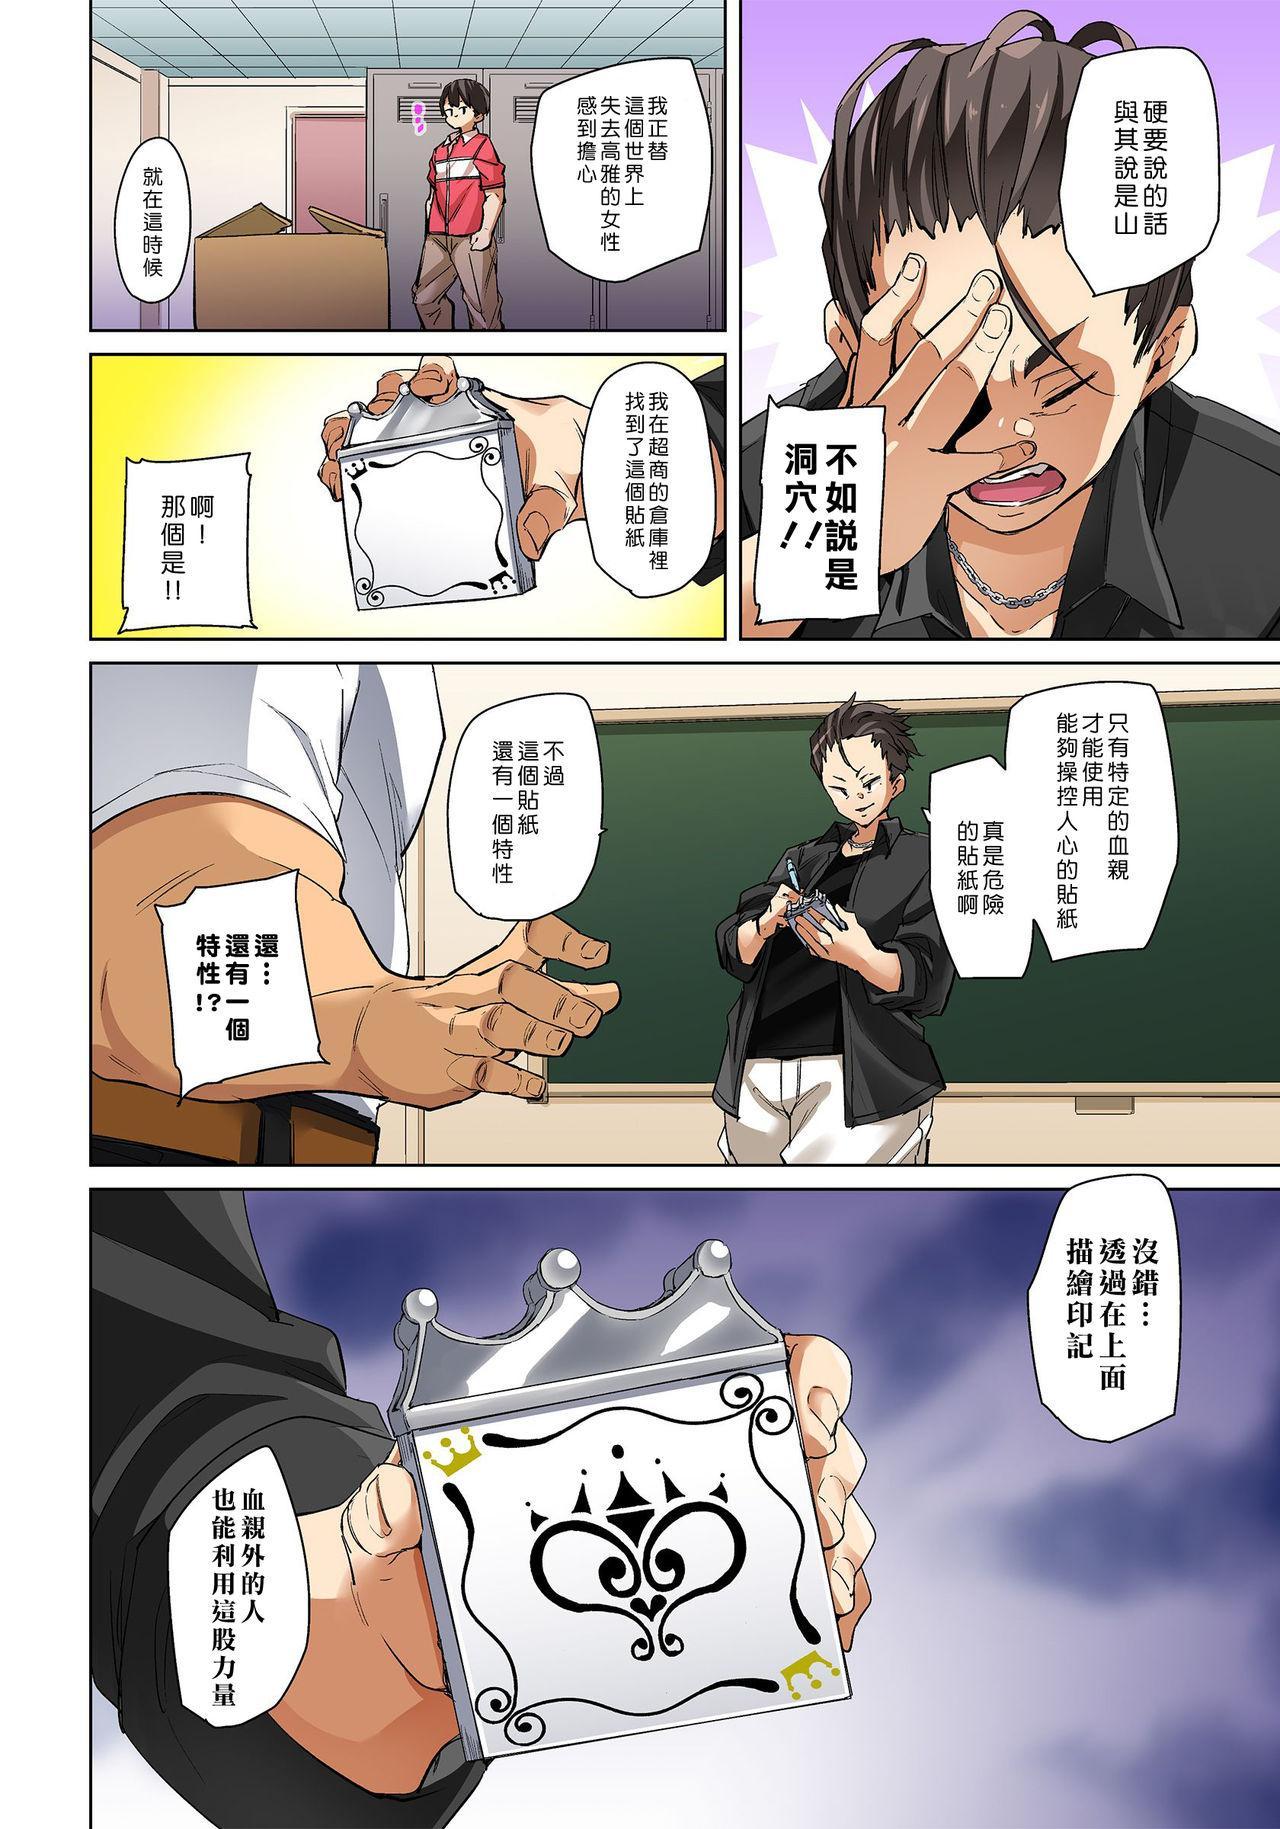 [Marui Maru] Hattara Yarechau!? Ero Seal ~Wagamama JK no Asoko o Tatta 1-mai de Dorei ni~ 1-20 [Chinese] [Den個人漢化] [Digital] 489